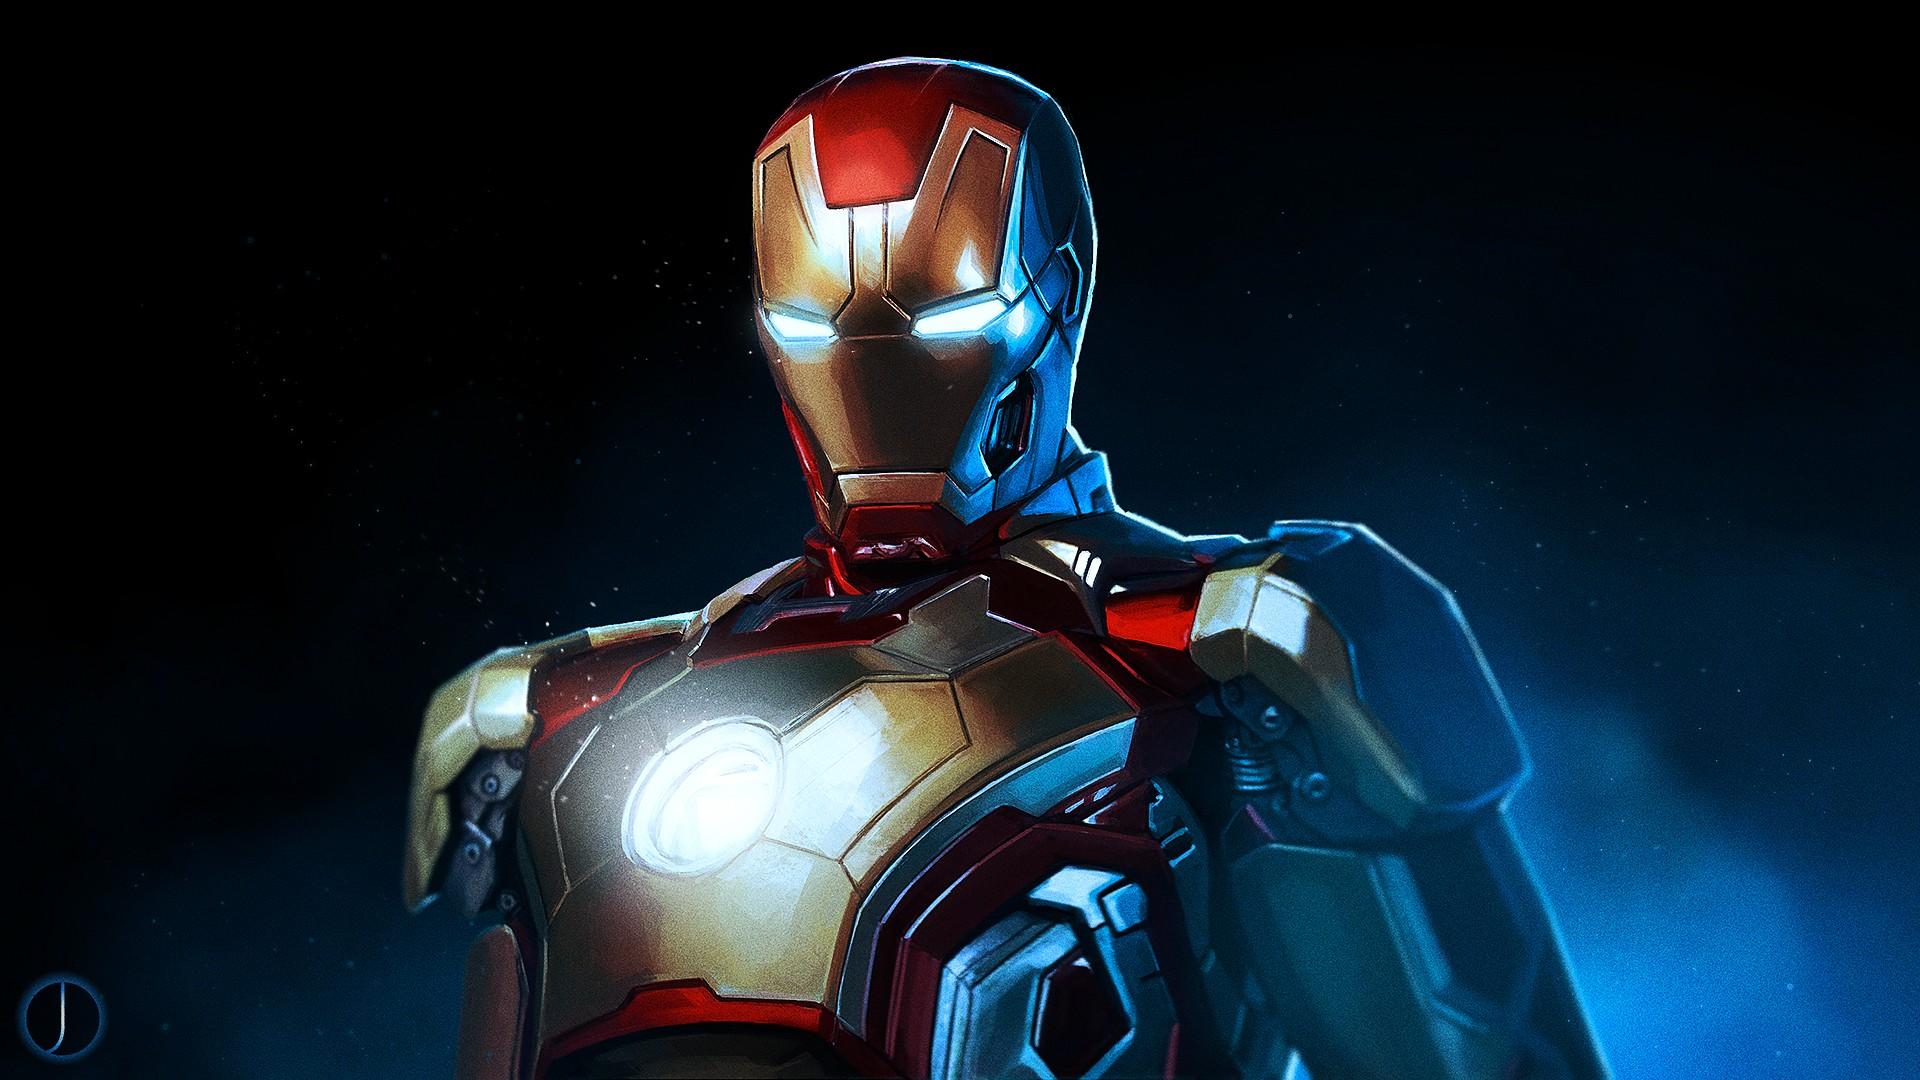 Iron Man Marvel Wallpaper 1920x1080 100603 Wallpaperup